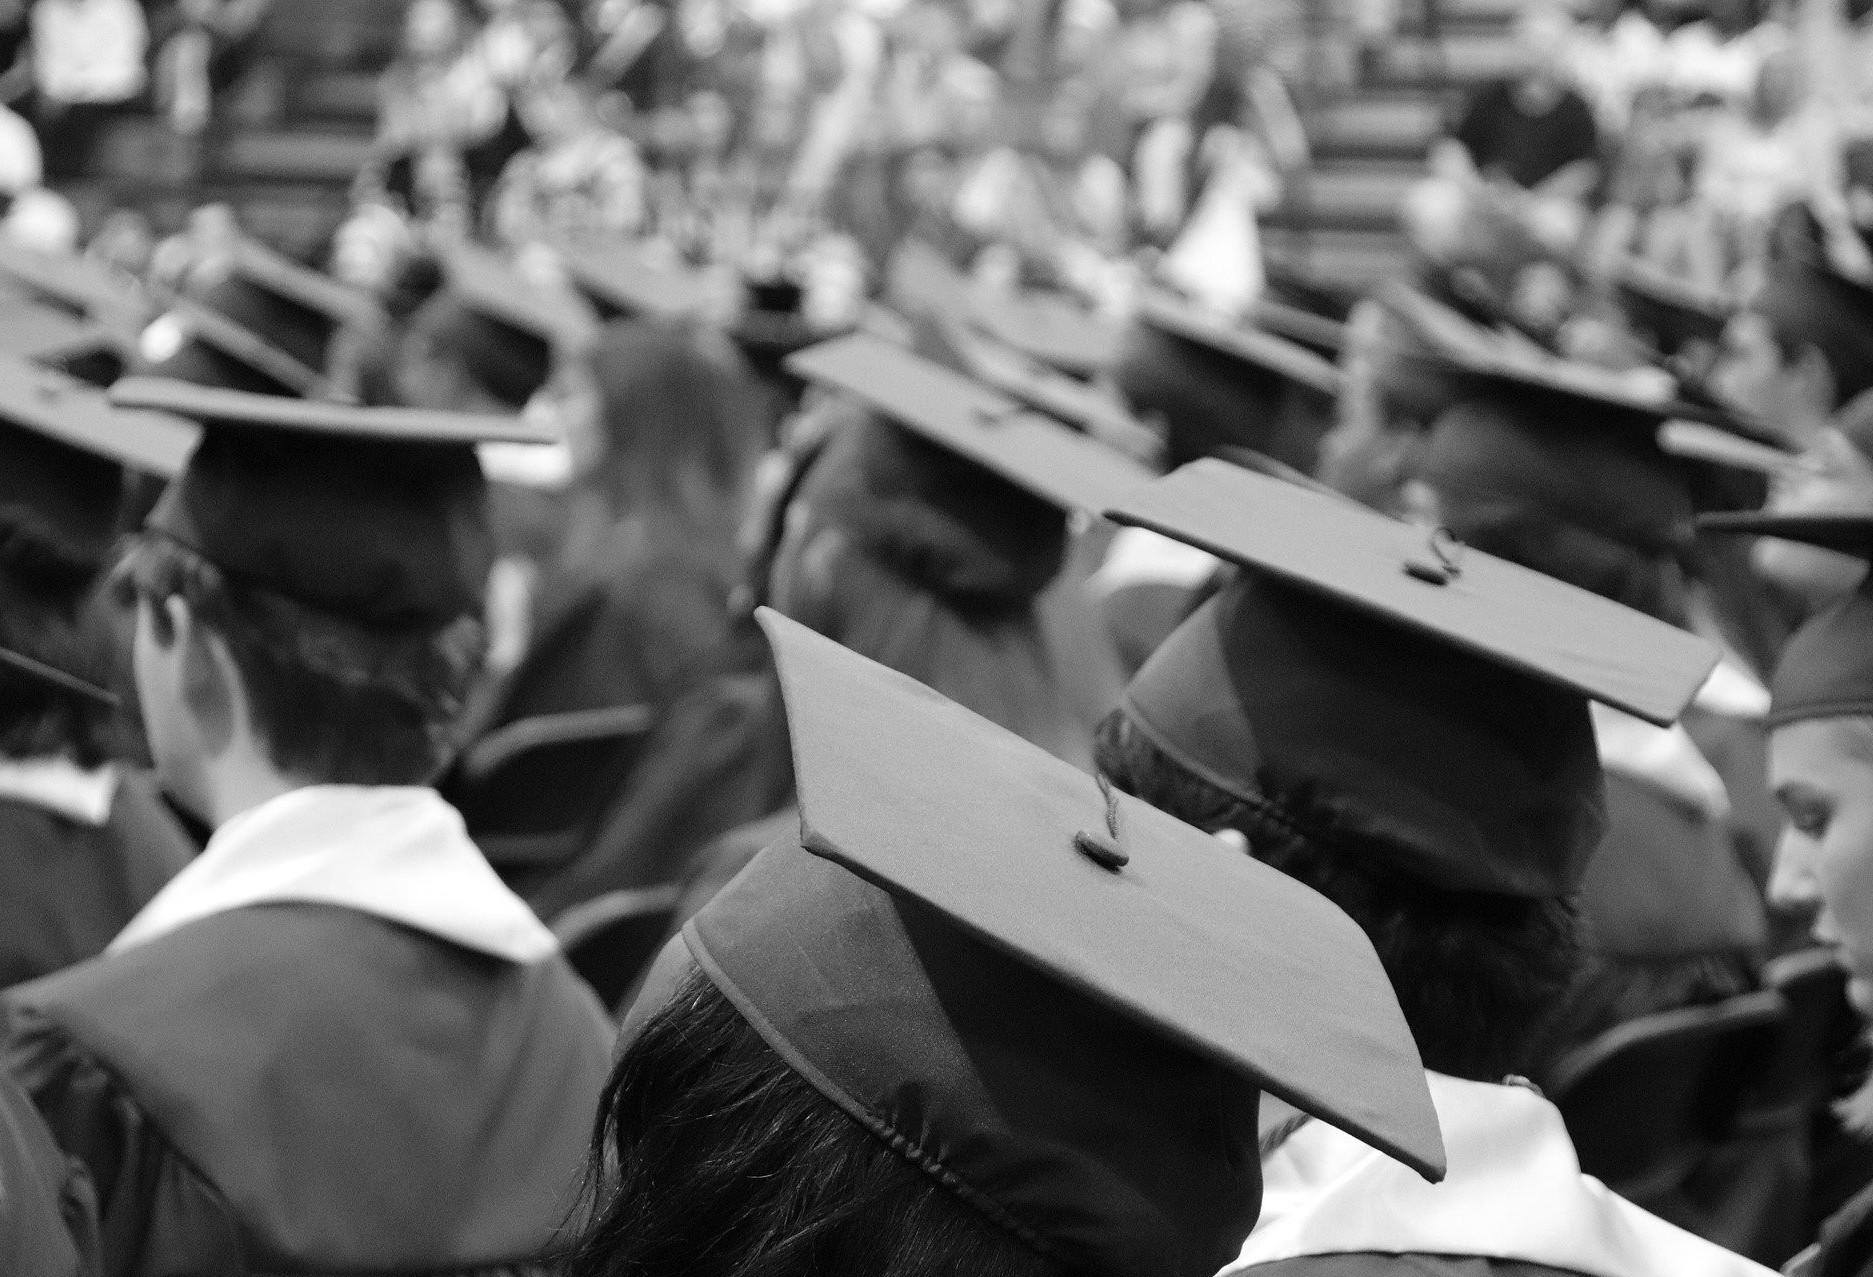 Centro Universitário gradua 42 alunos em formato drive-thru